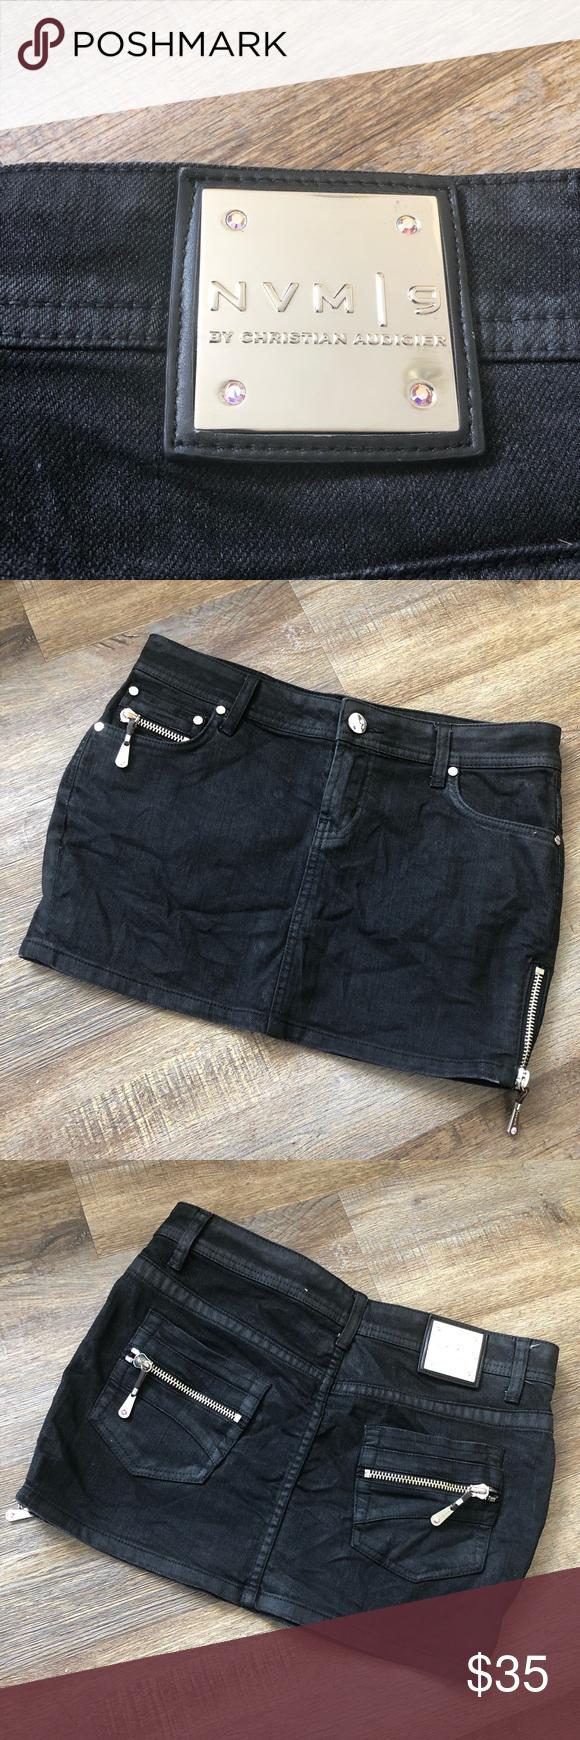 Black mini skirts size 28 Nvm 9 By Christian Audigier Black Mini Skirt Black Mini Skirt Mini Skirts Black Mini